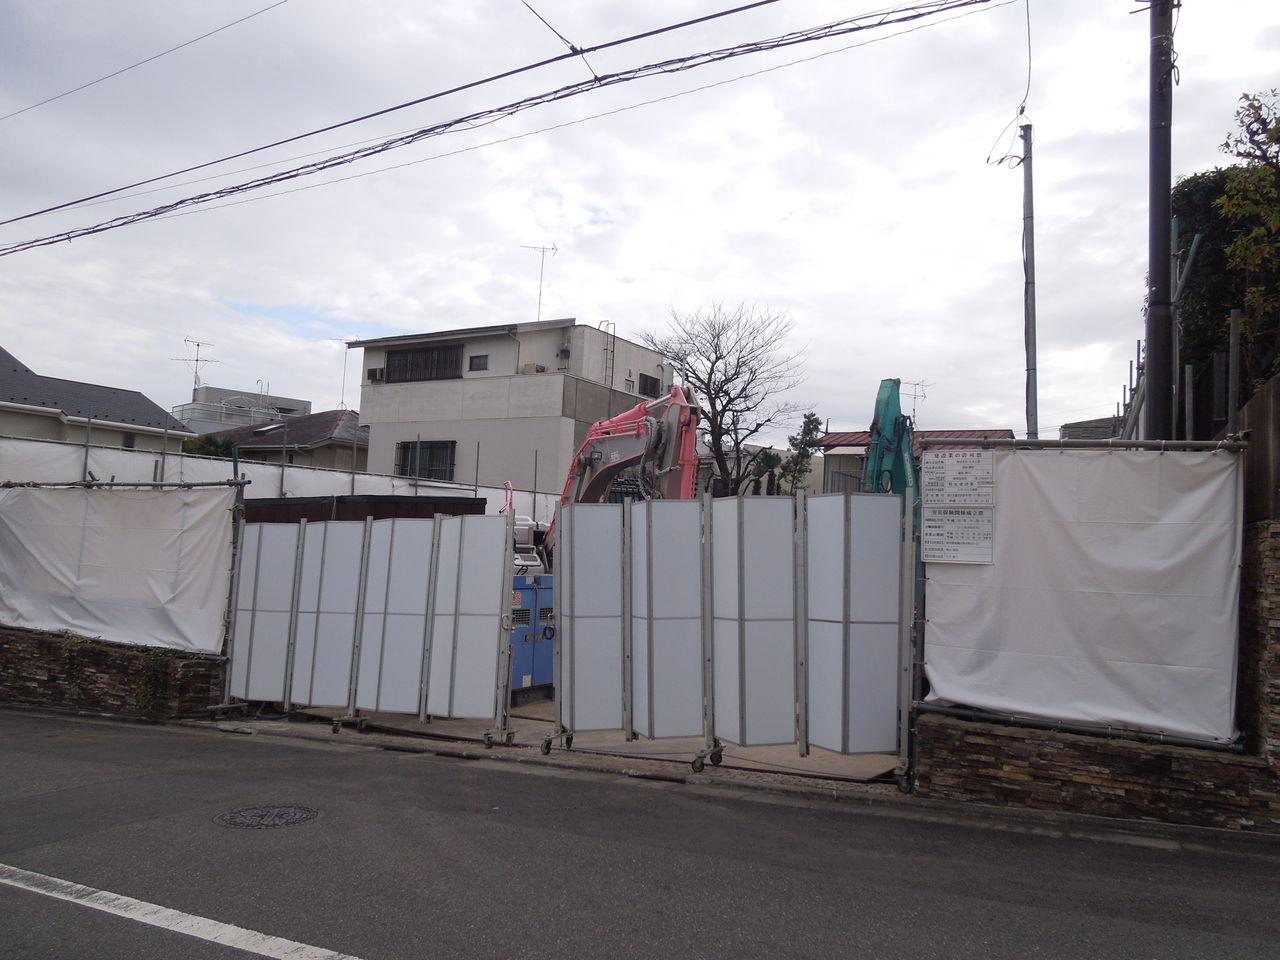 世田谷 ミスチル 桜井 桜井和寿の現在の住所は東京世田谷区!田園調布3からは引っ越した?